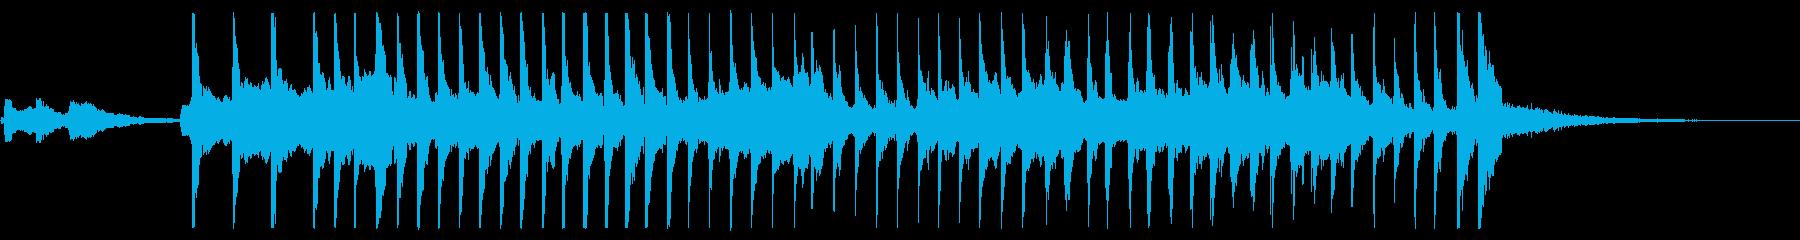 和楽器の共演の再生済みの波形